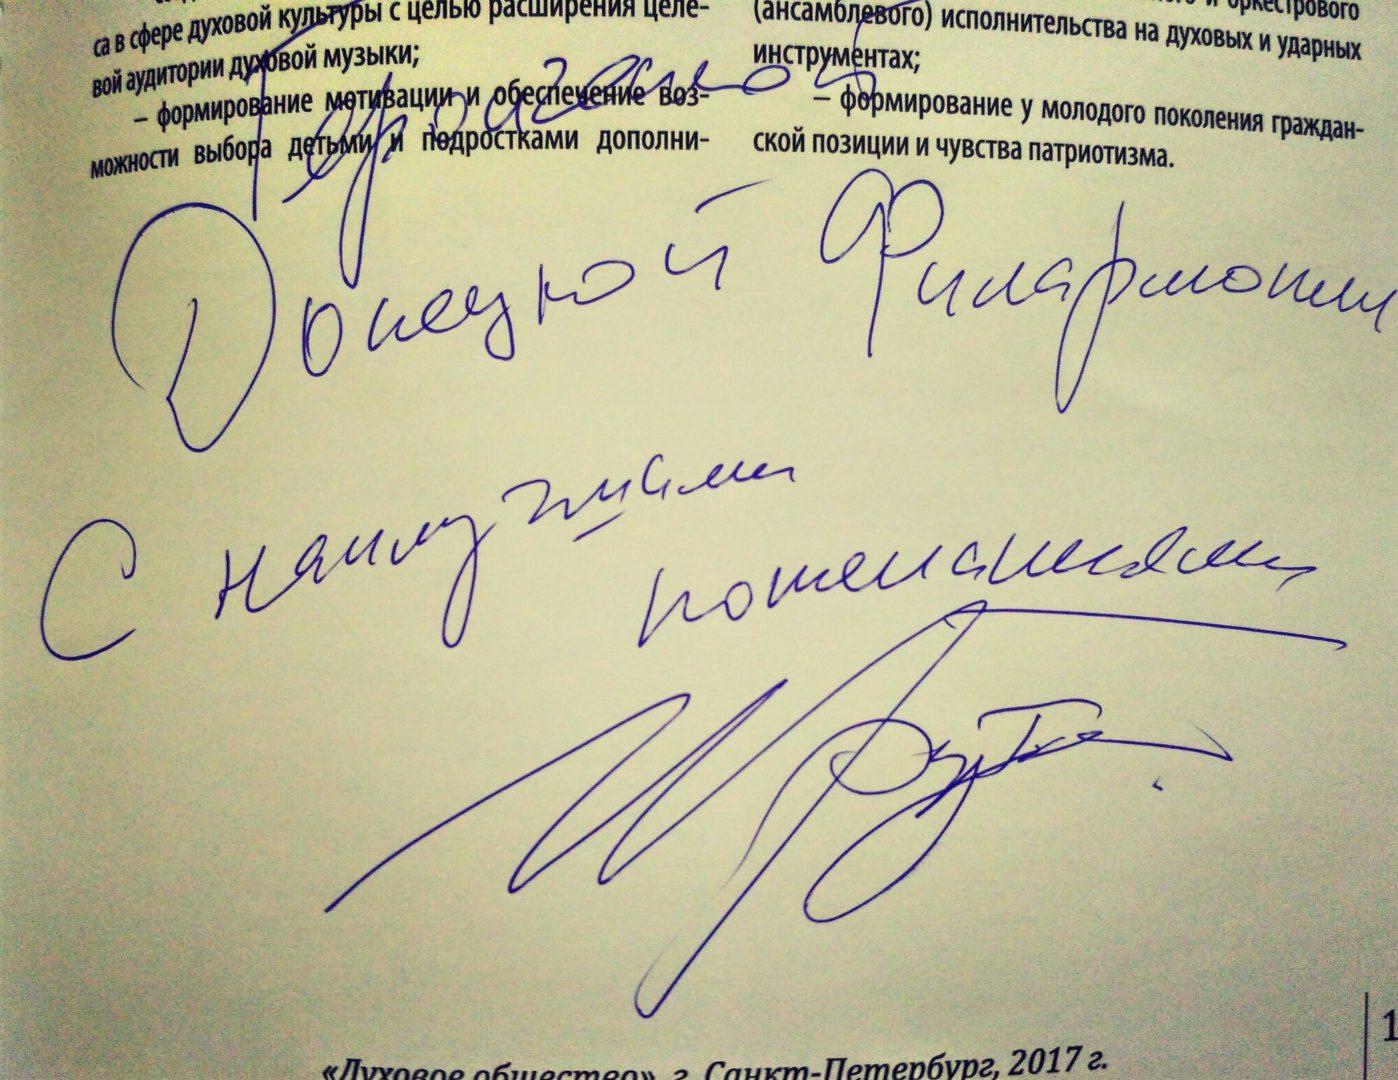 Автограф Игоря Бутмана с пожеланиями Донецкой филармонии